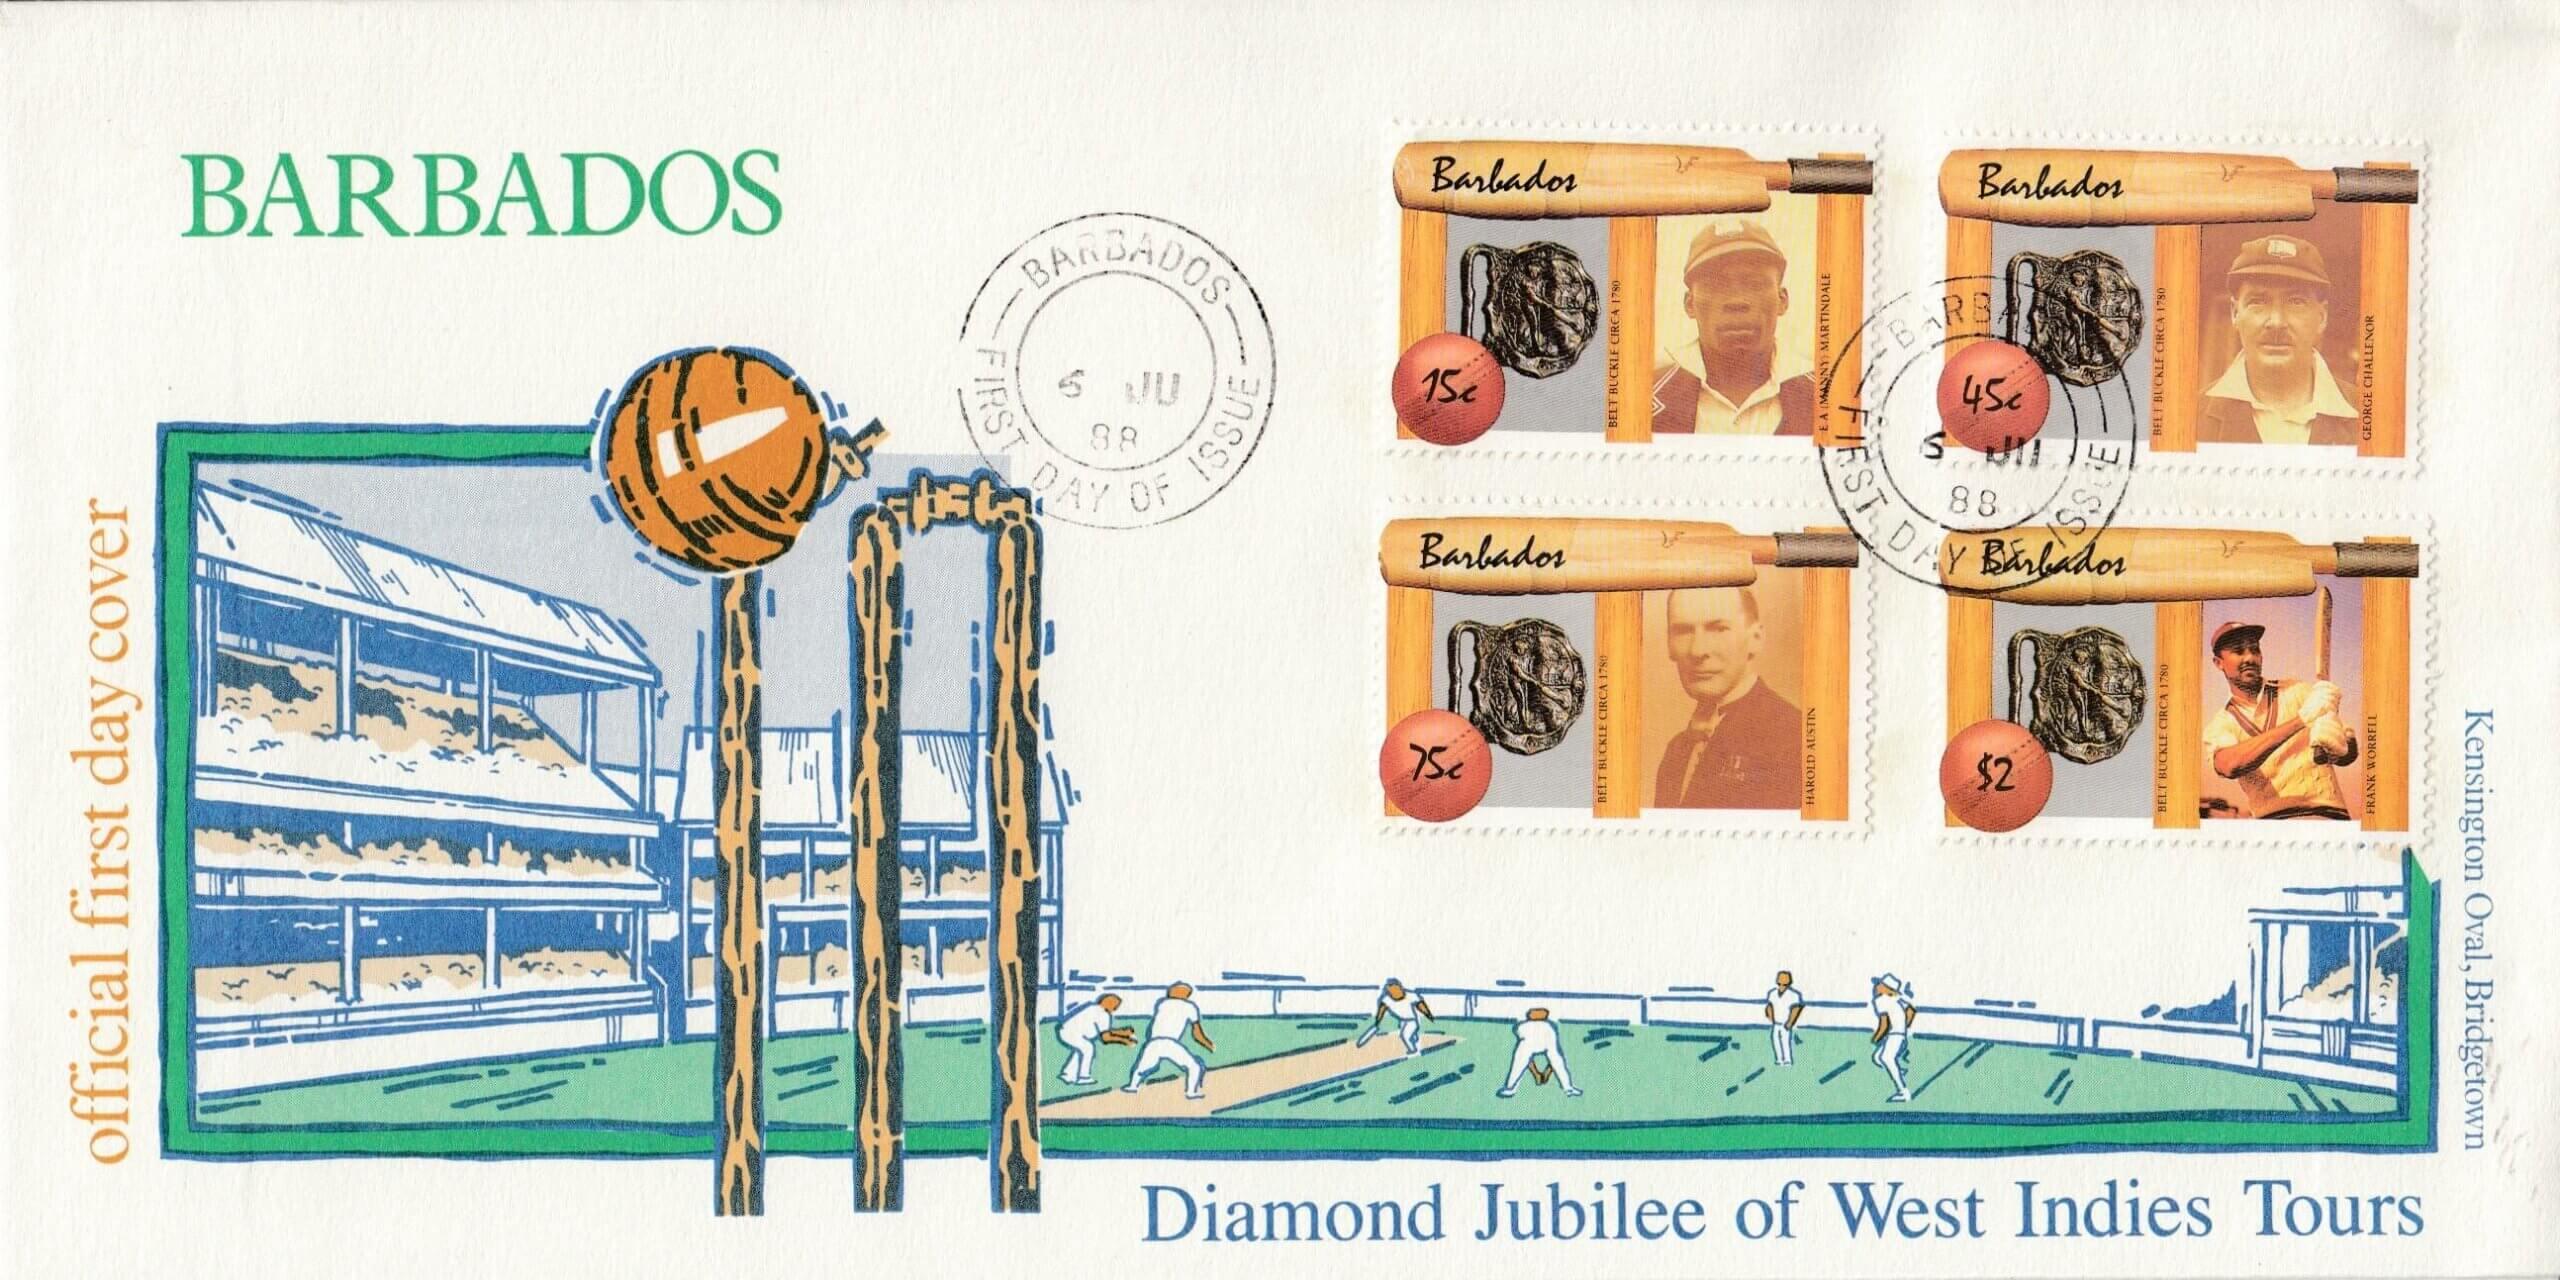 Barbados Cricketers FDC 1988